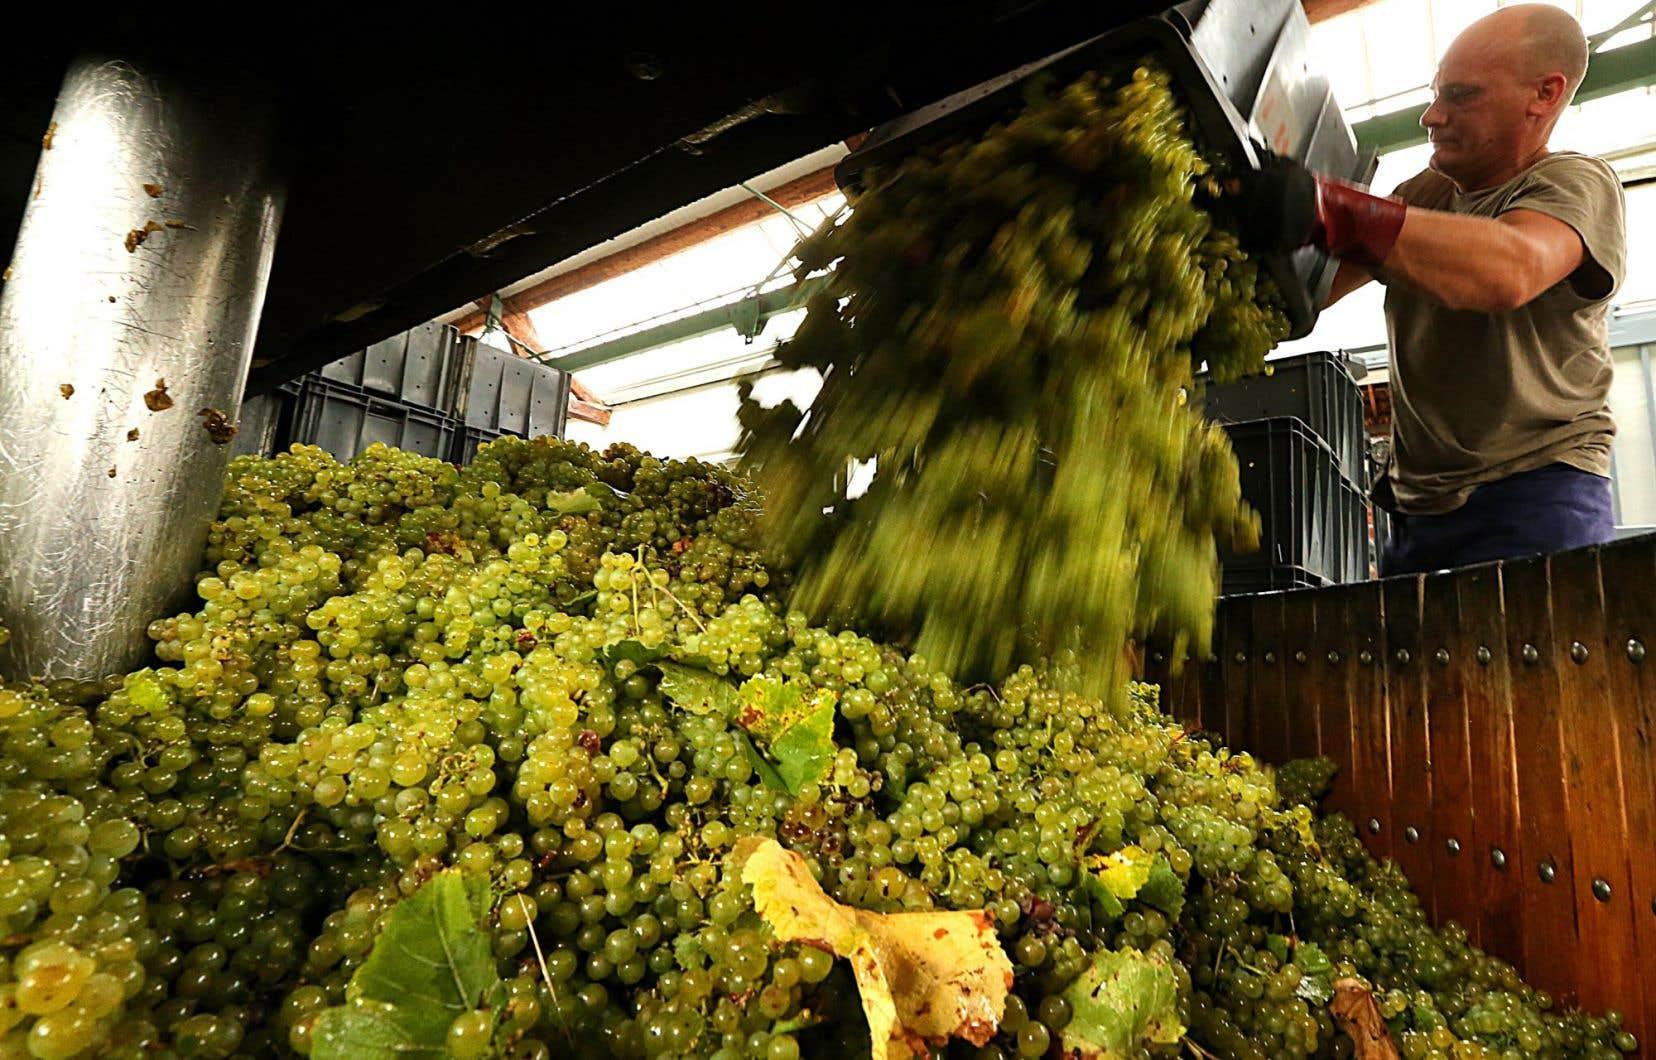 Le processus d'hybridation devrait donner 4000 pépins, qui seront plantés dans les parcelles expérimentales de la Champagne dans six ans.